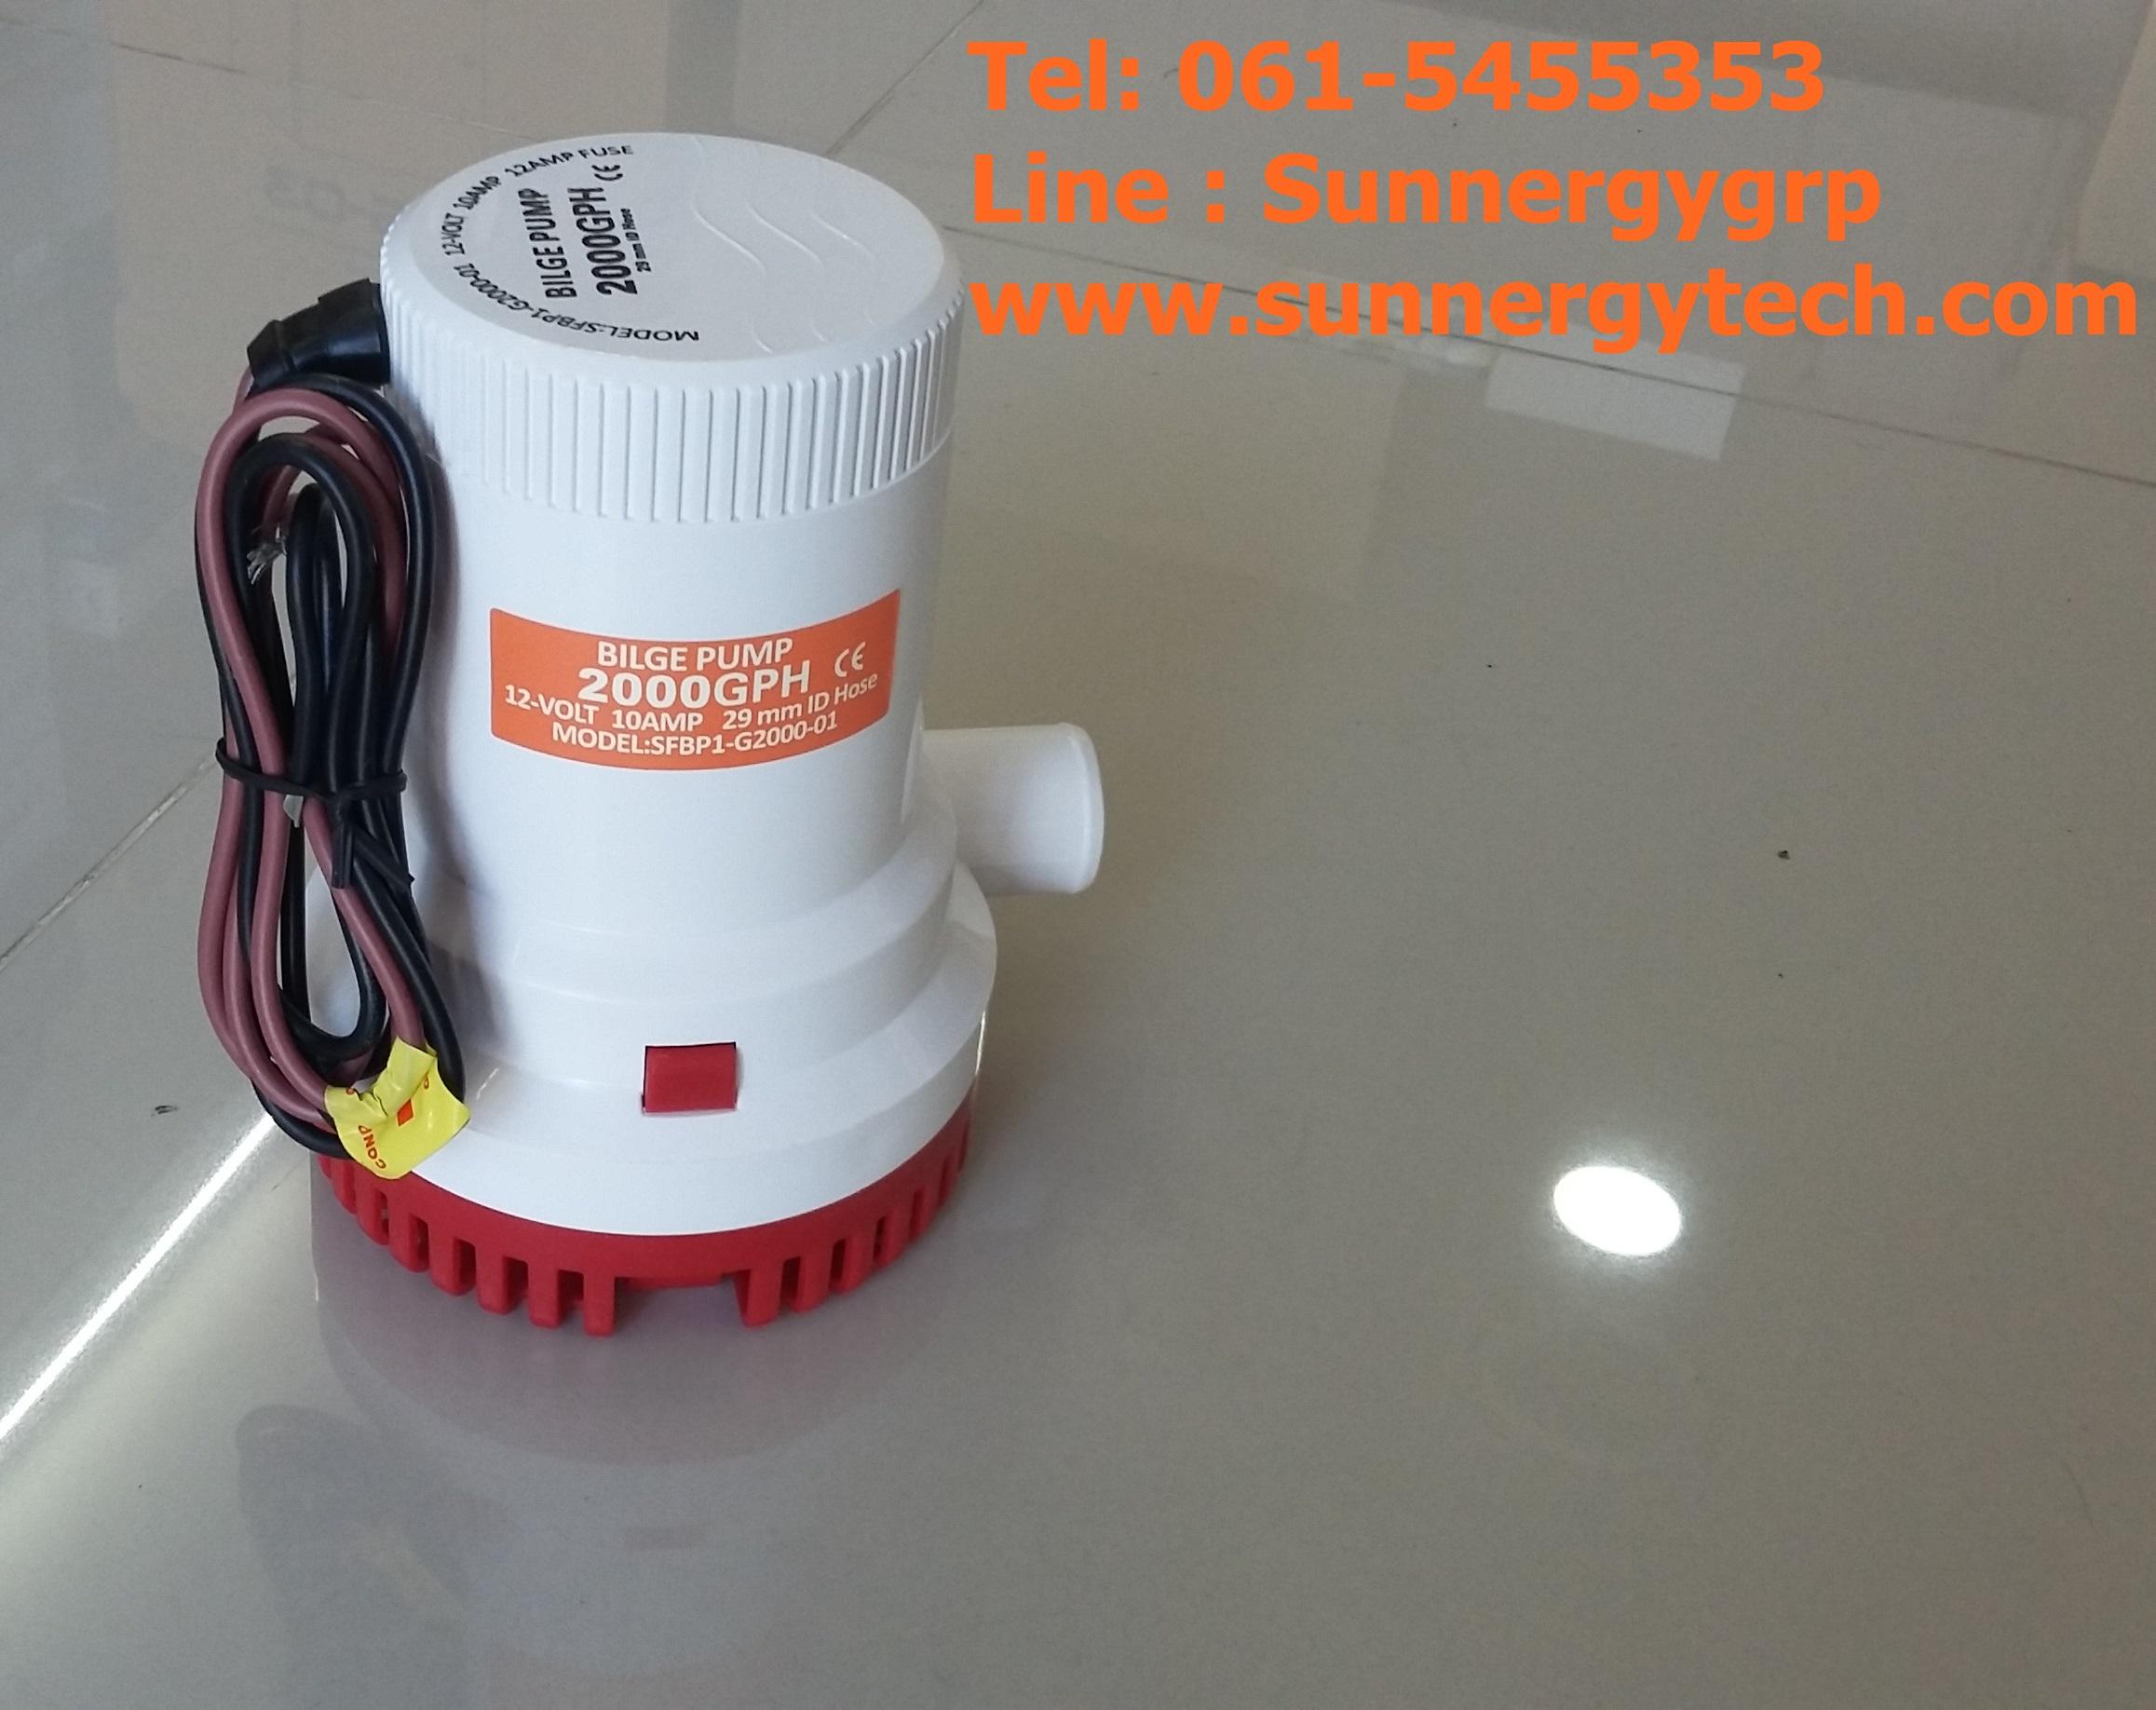 ปั๊มน้ำ 12V 2000GPH